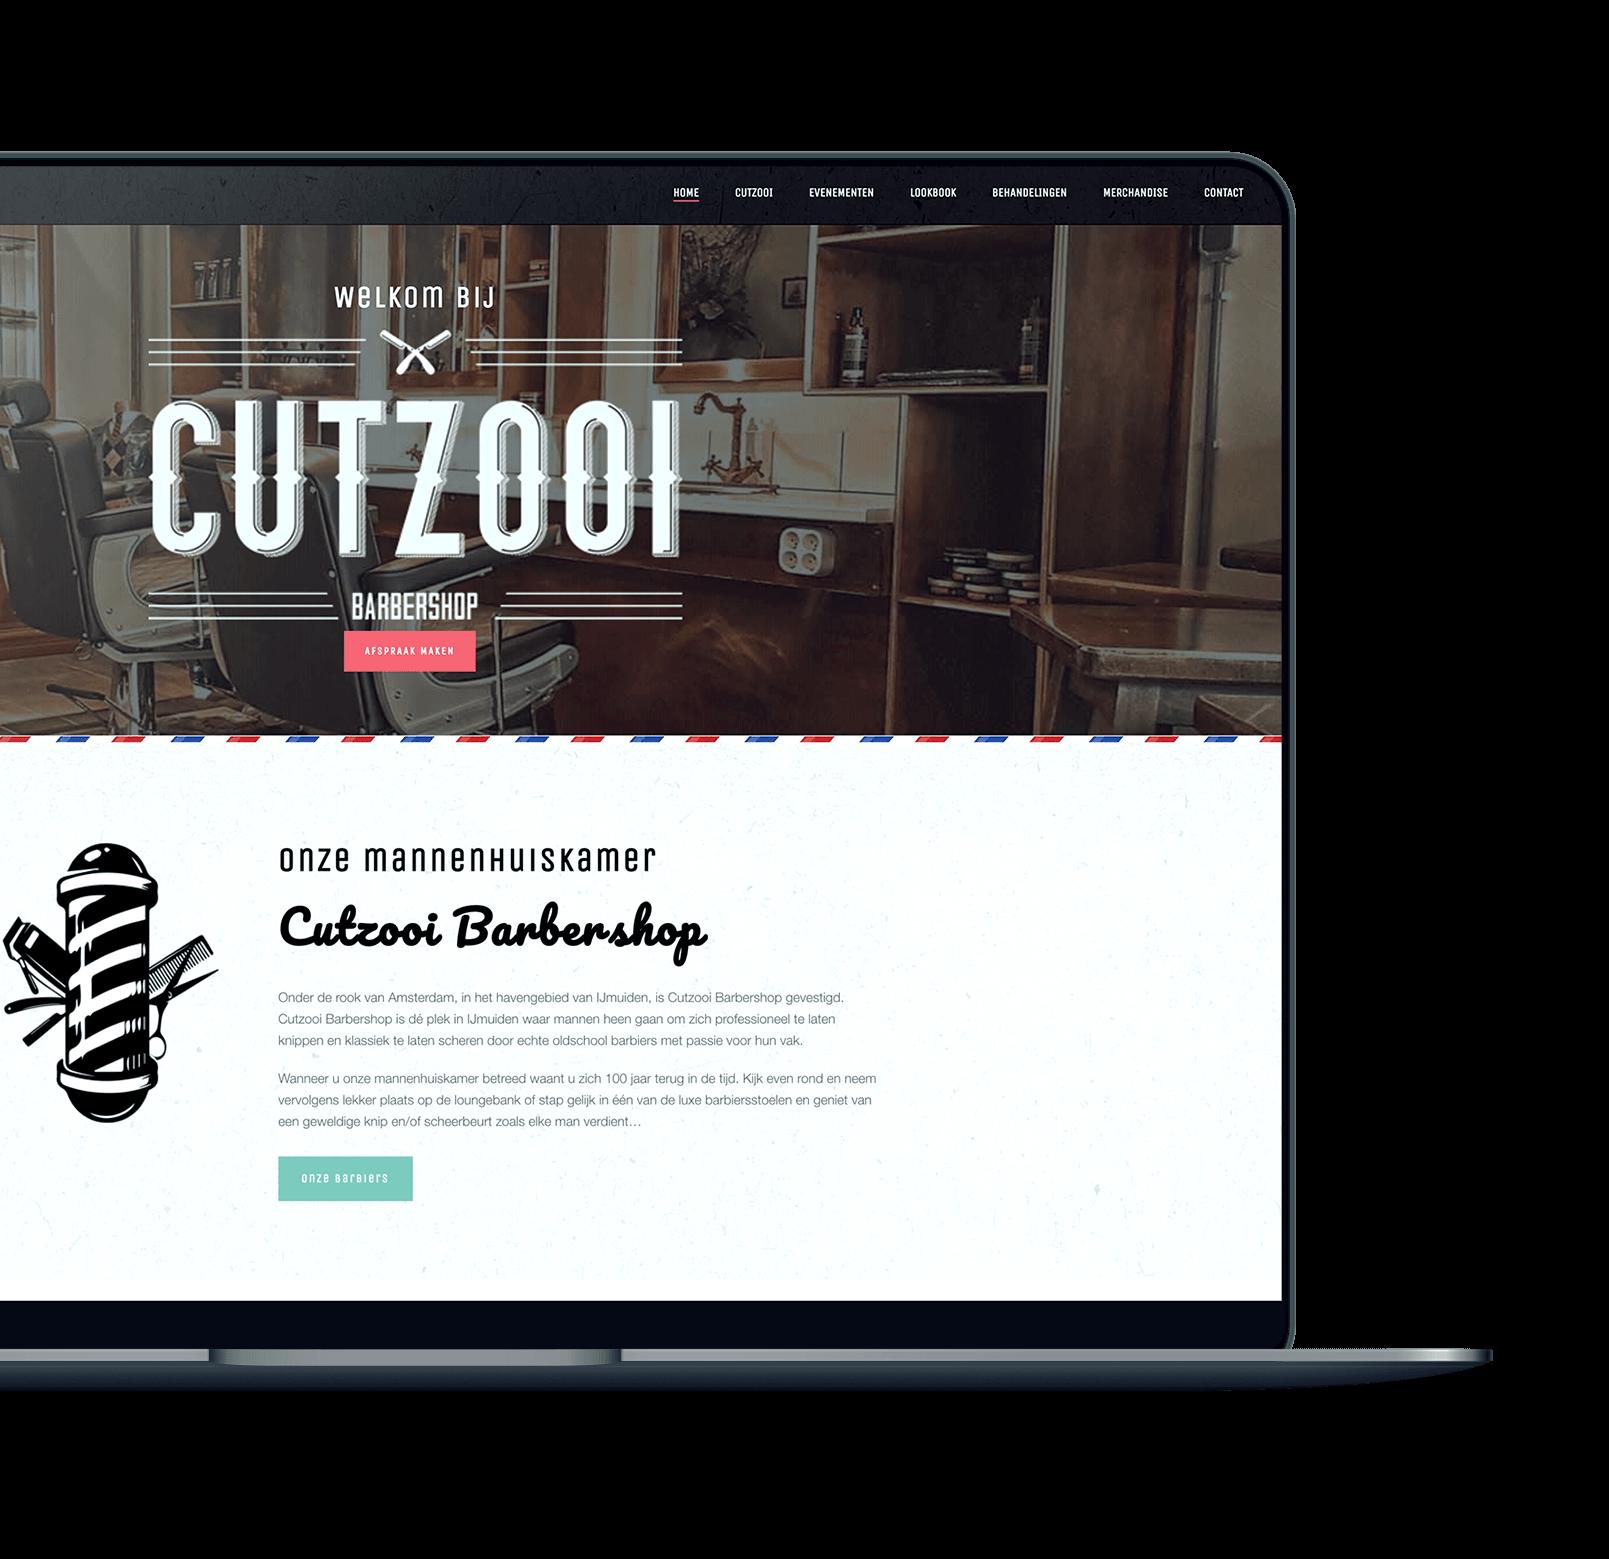 Cutzooi website laten maken